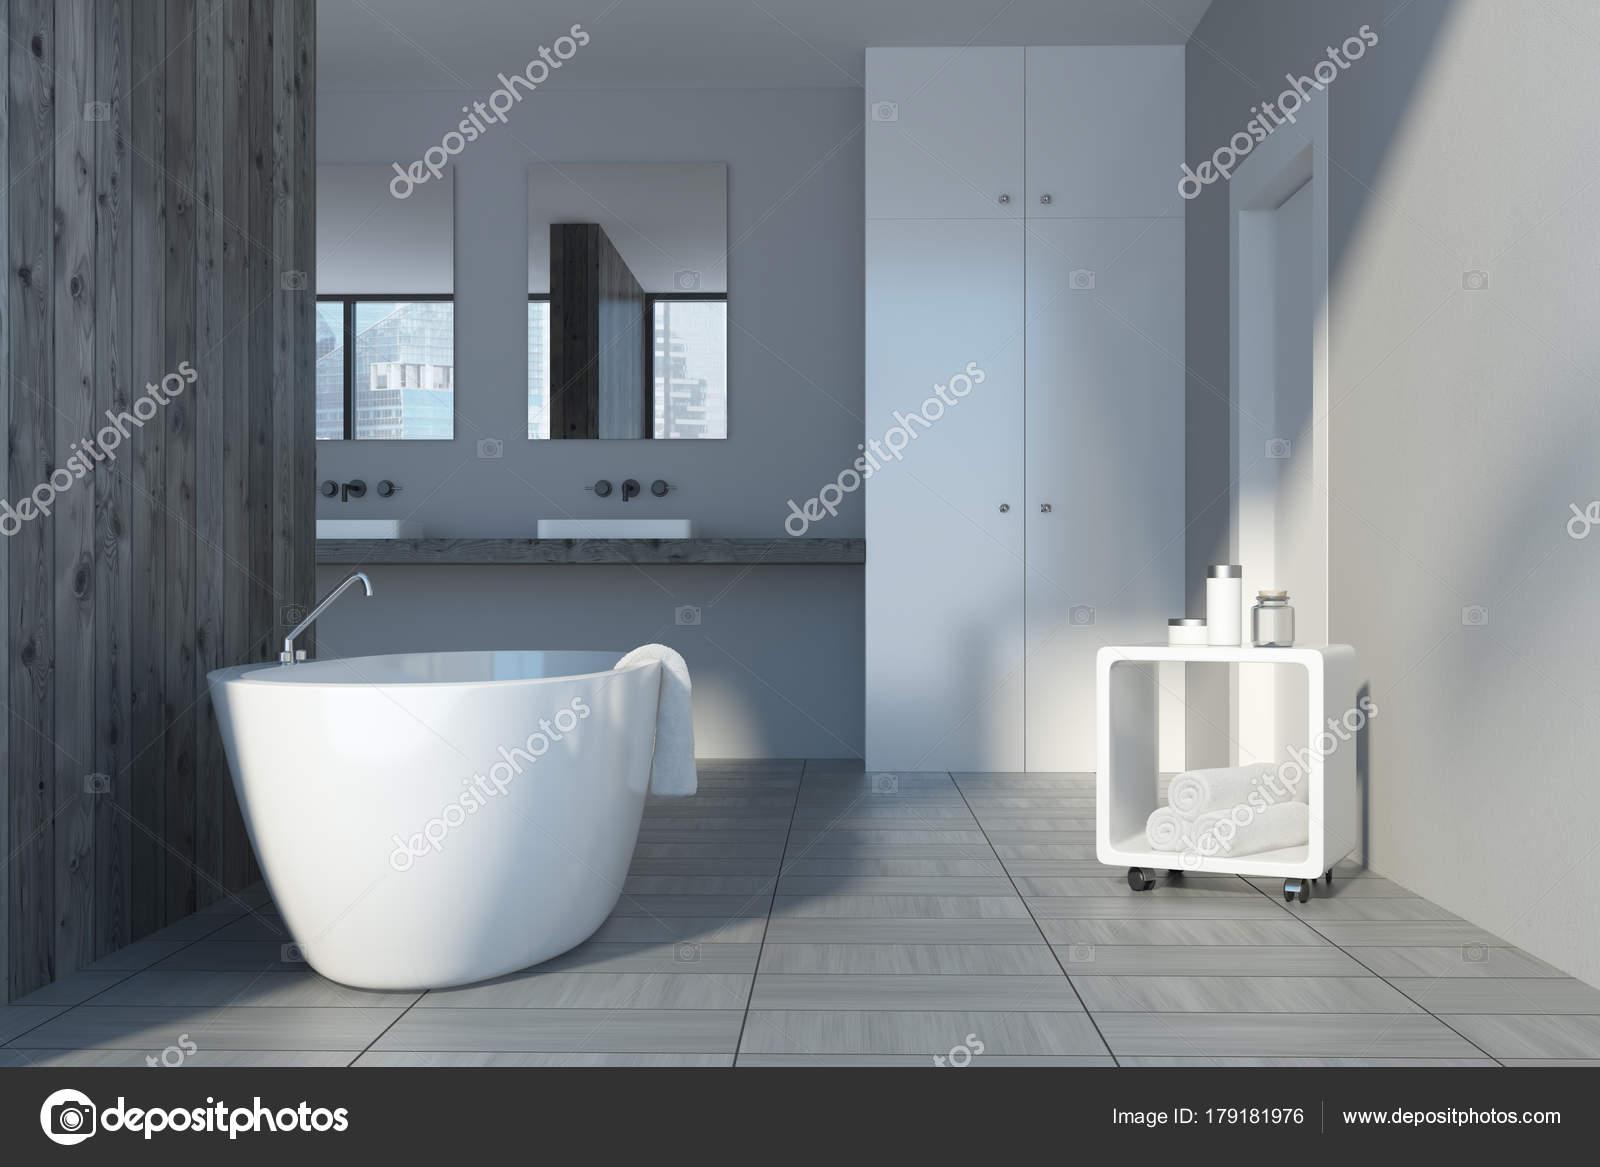 Bagno Legno E Grigio : Interni vasca da bagno in legno e grigio u2014 foto stock